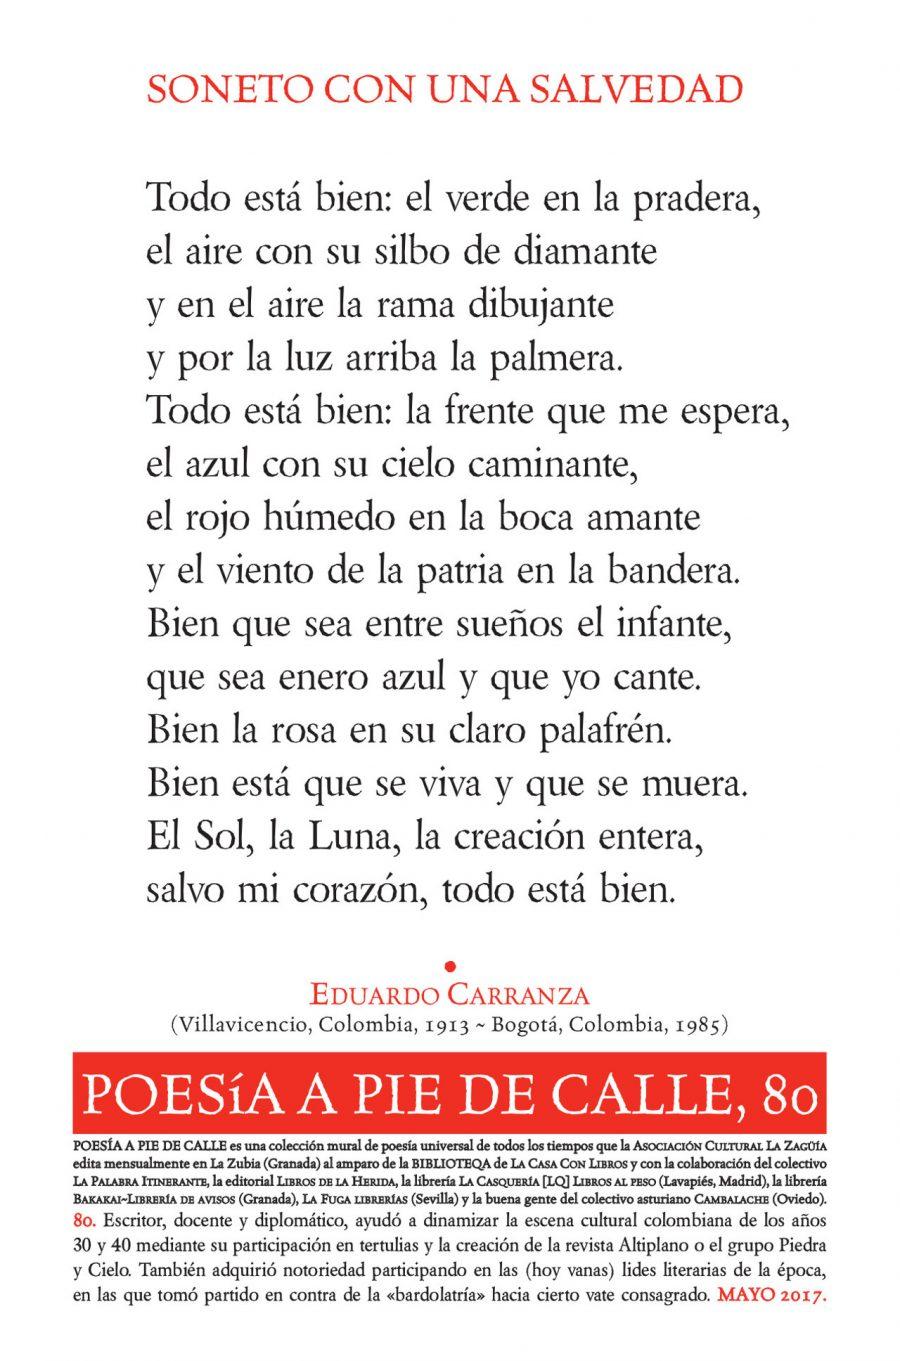 """POESÍA A PIE DE CALLE, 80: """"SONETO CON UNA SALVEDAD"""", DE EDUARDO CARRANZA"""